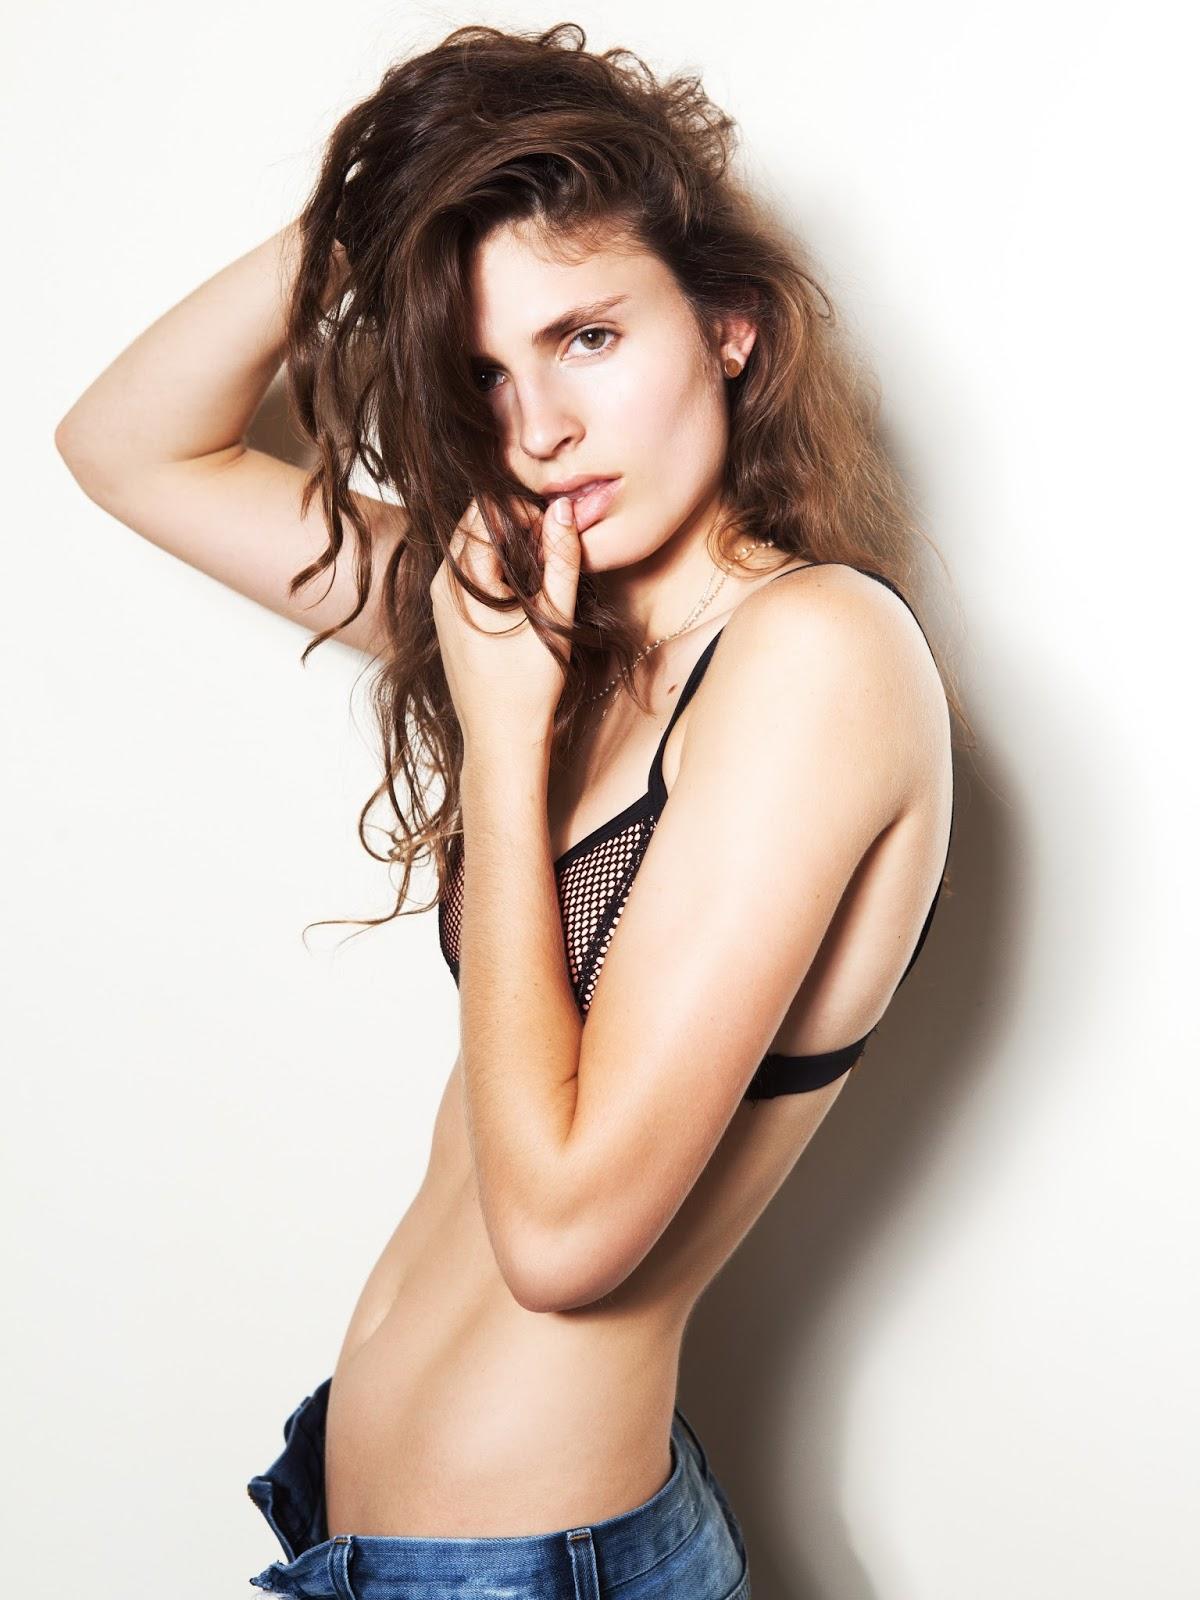 nudes (79 photos), Bikini Celebrity picture